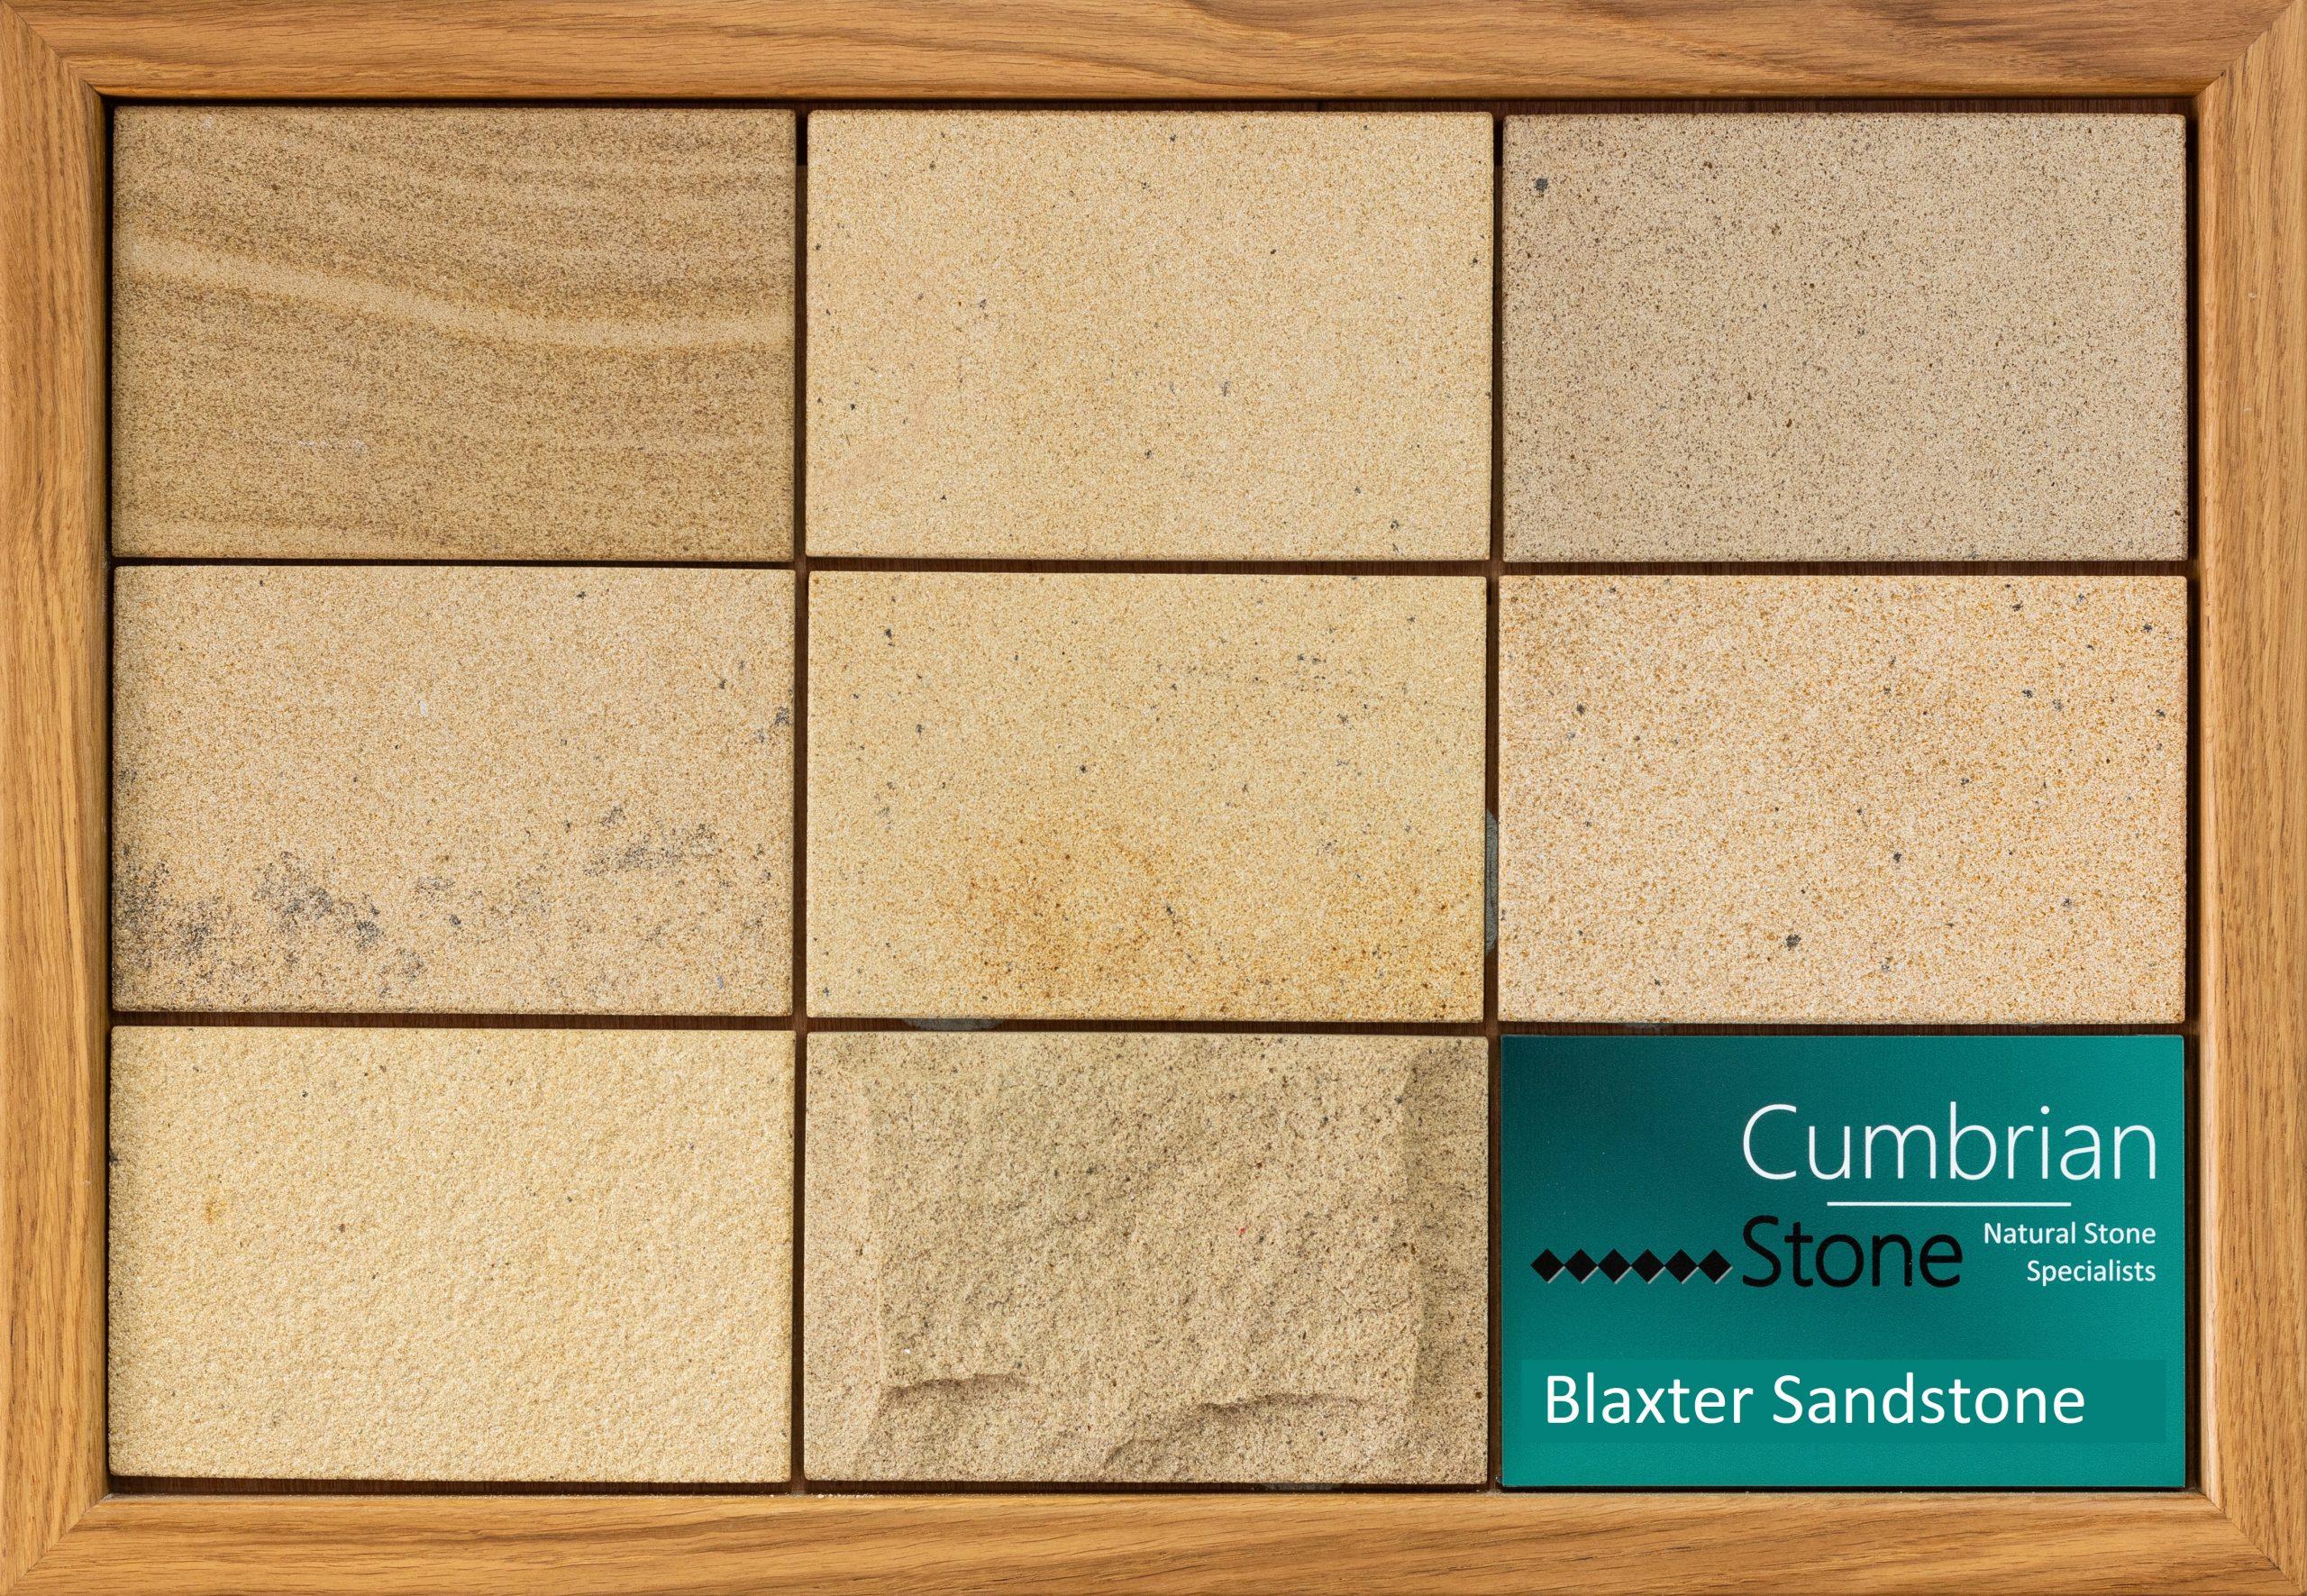 Blaxter Sandstone Variations